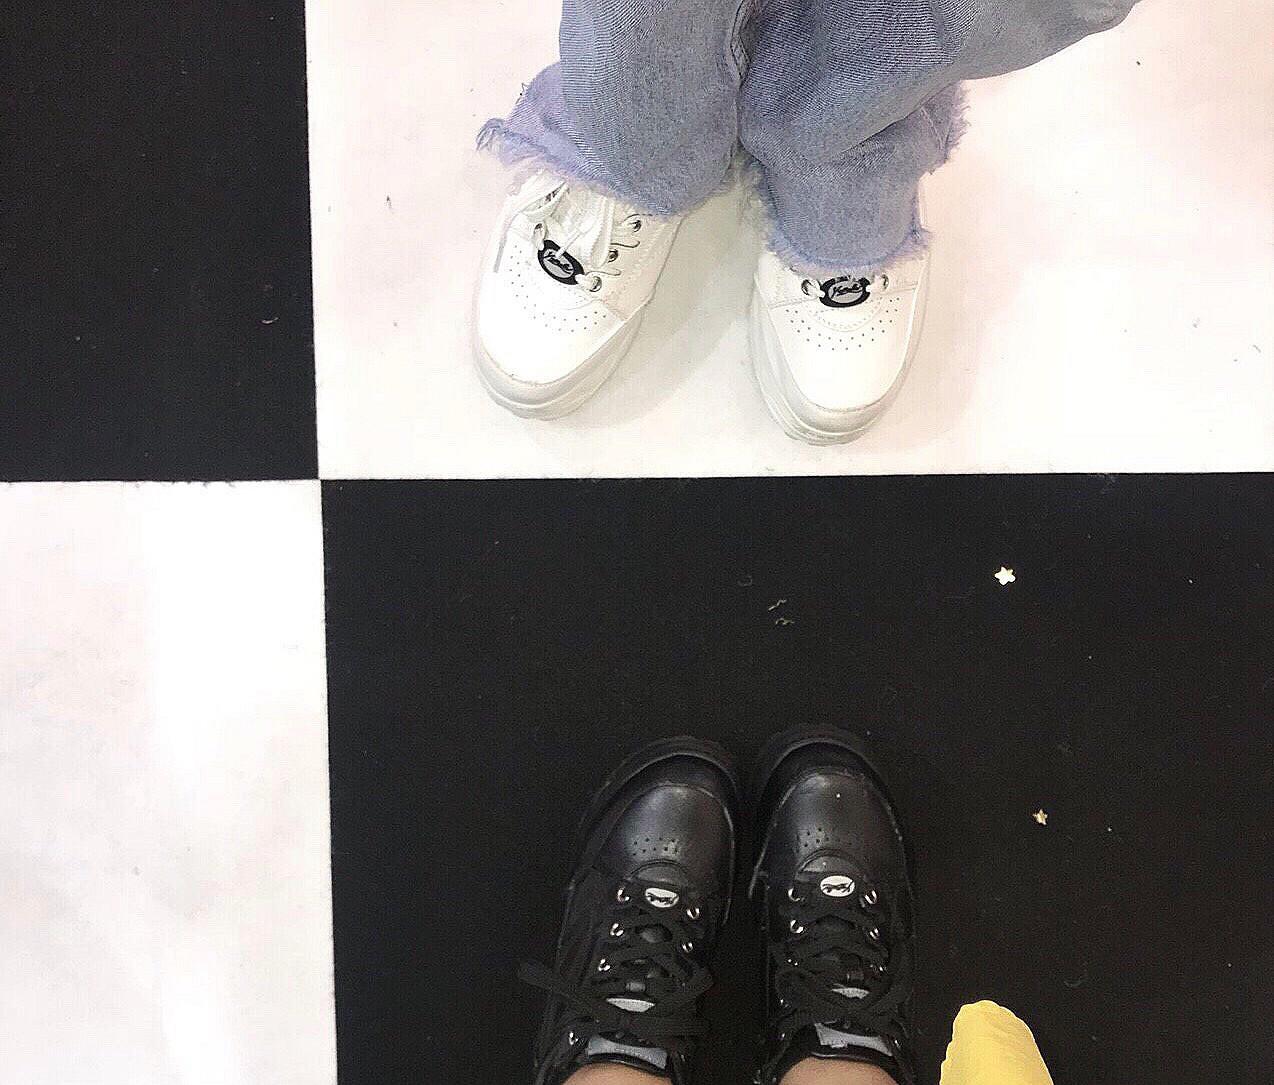 低身長で悩んでるそこのあなた!!!オススメ厚底靴⛸❤️